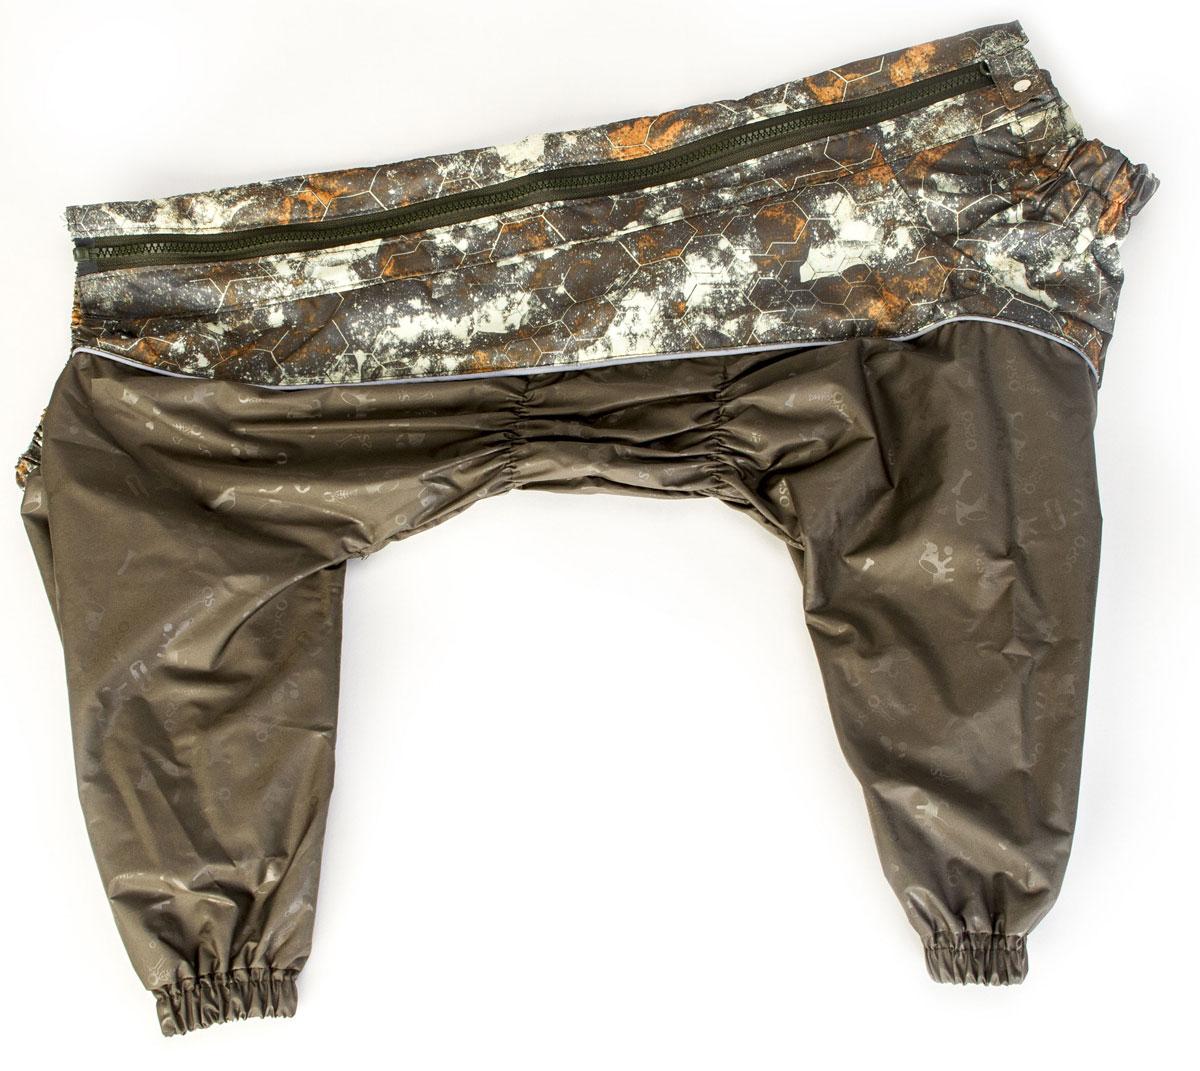 Комбинезон для собак OSSO Fashion, для мальчика, цвет: хаки. Размер 55К-1022-хаки-вставкаКомбинезон для собак OSSO Fashion изготовлен из водоотталкивающей и ветрозащитной ткани (100% полиэстер). Предназначен для прогулок в межсезонье, в сырую погоду для защиты собаки от грязи и воды. В комбинезоне используется отделка со светоотражающим кантом и тракторная молния со светоотражающей полосой. Комбинезон для собак эргономичен, удобен, не сковывает движений собаки при беге, во время игры и при дрессировке. Комфортная посадка по корпусу достигается за счет резинок-утяжек под грудью и животом. На воротнике имеется кнопка для фиксации. От попадания воды и грязи внутрь комбинезона низ штанин также собран на резинку. Длина спинки: 55 см. Объем груди: 64-80 см.